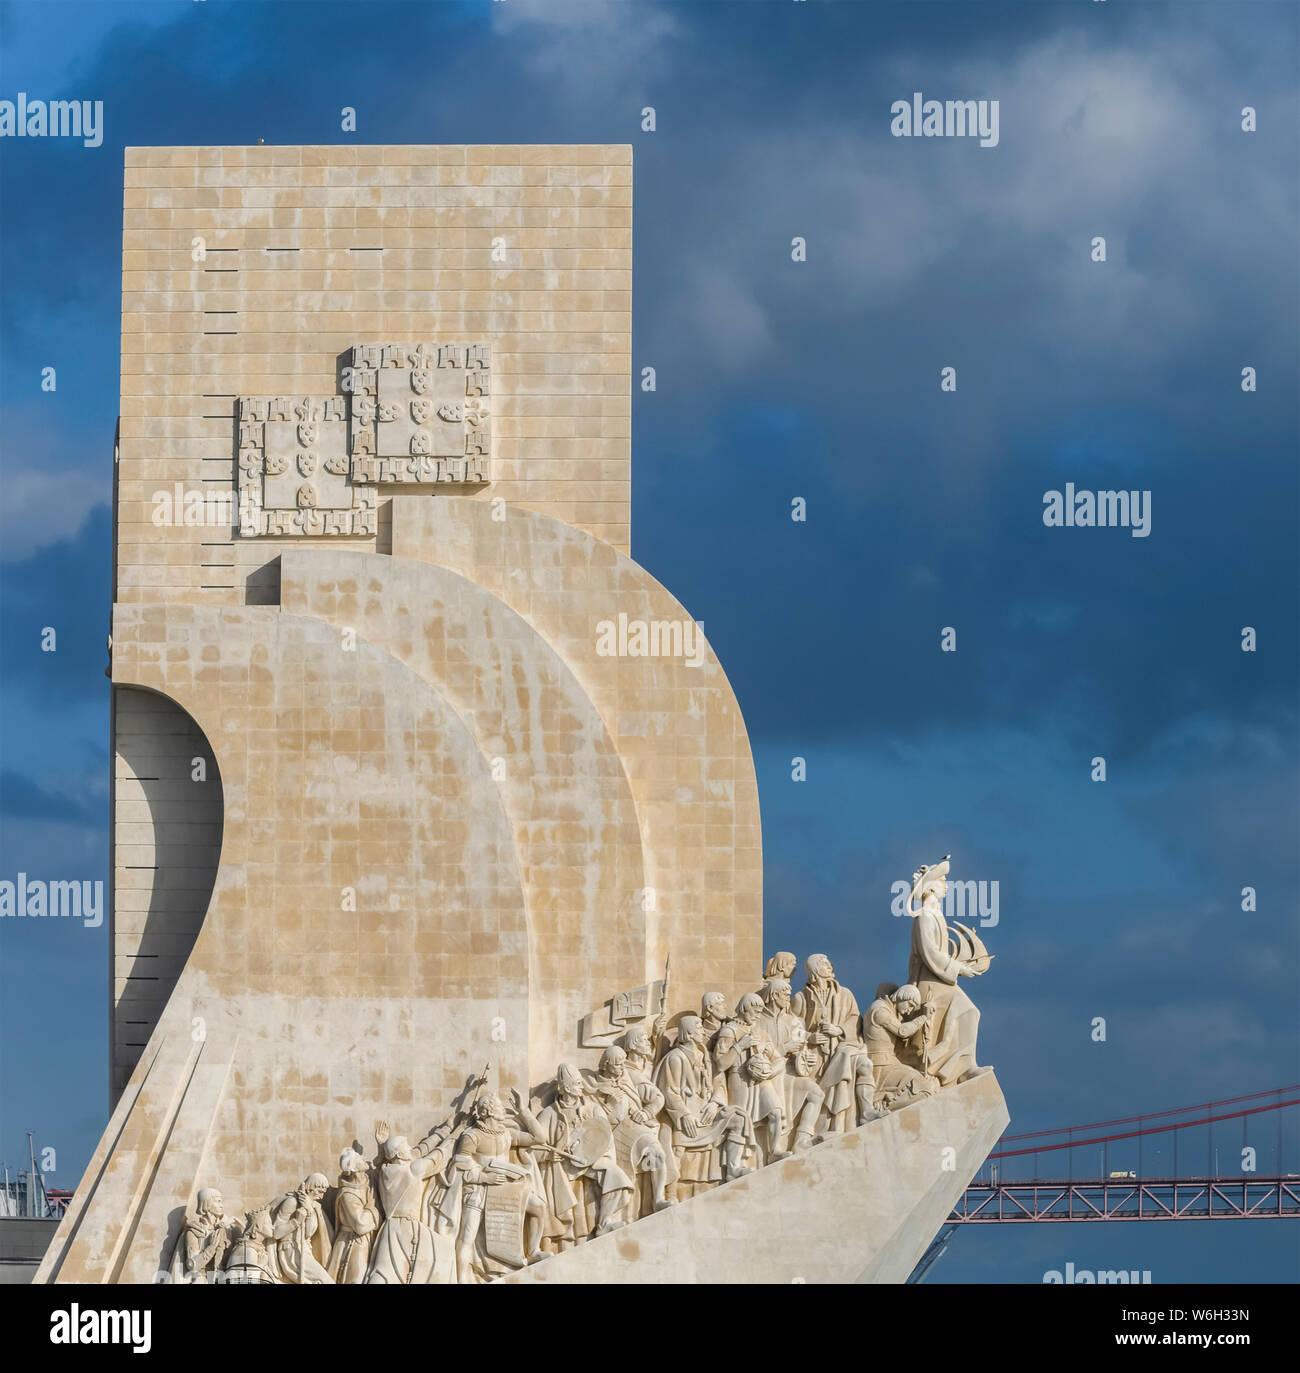 Padrao dos Descobrimentos Monument; Lisbonne, Lisboa, Portugal Région Banque D'Images